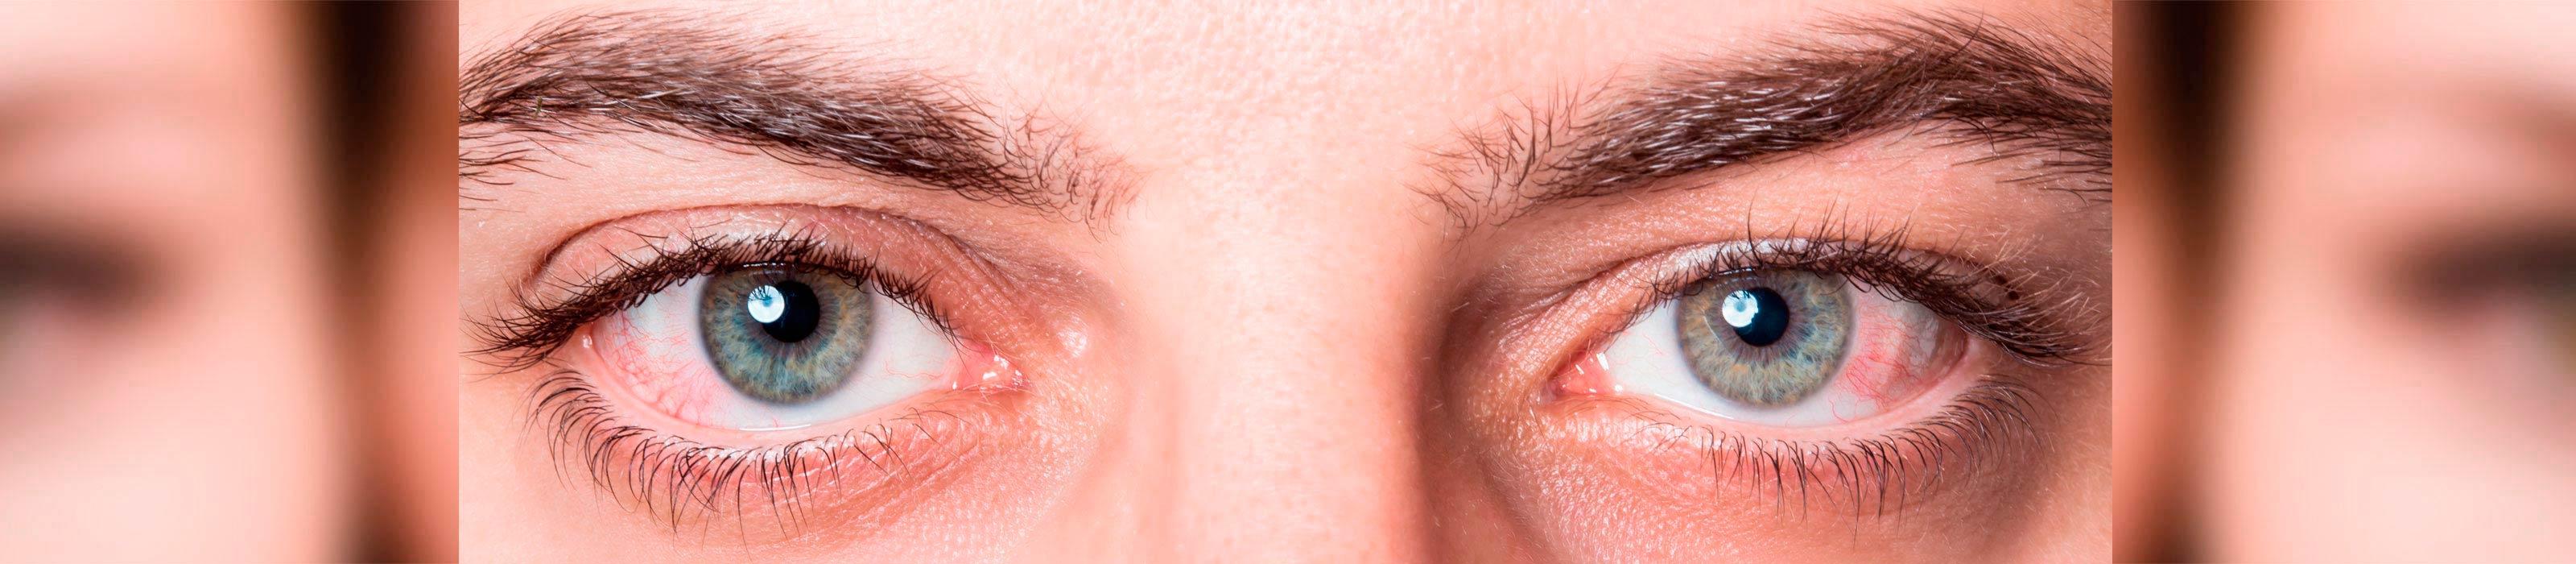 Alergia en los ojos y ojos rojos